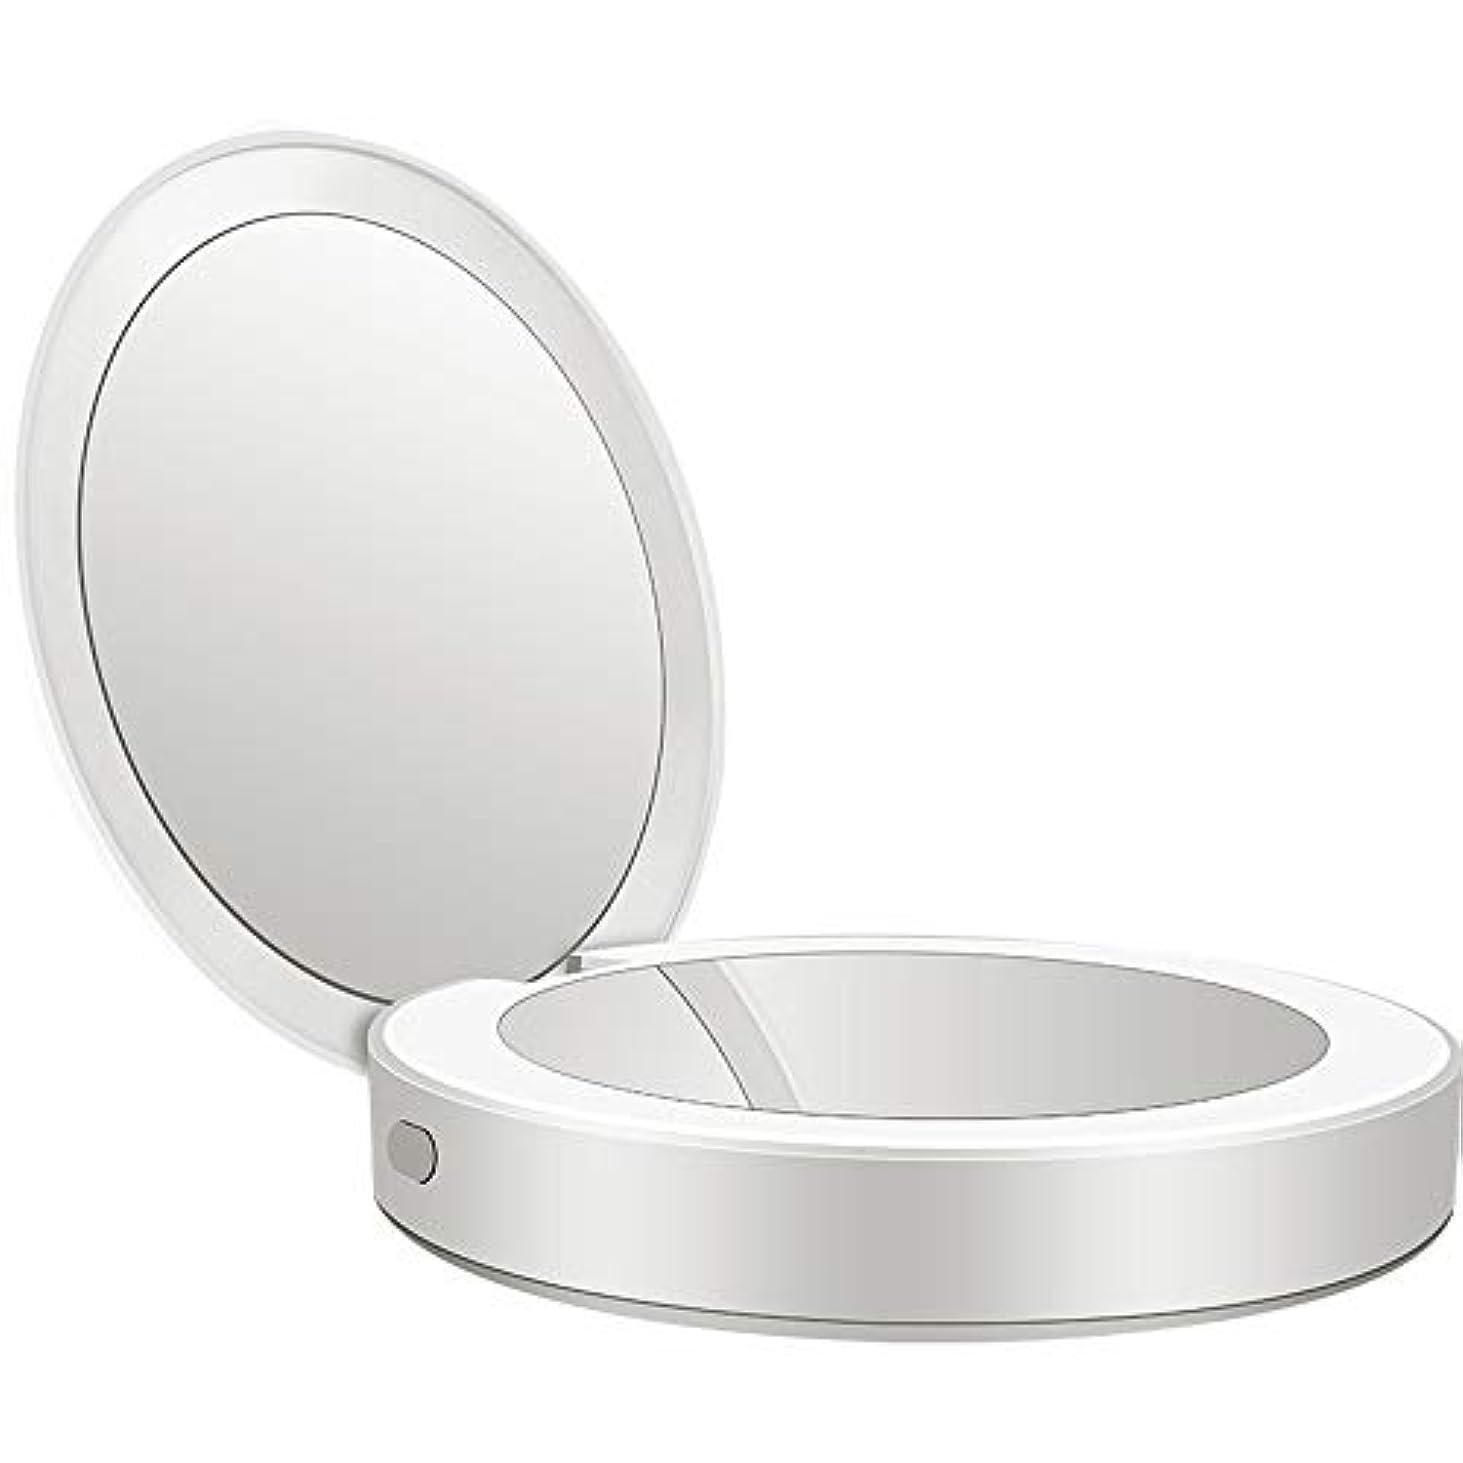 に同意する美徳報復流行の 新しい多機能ポータブル折りたたみLEDライト化粧鏡フィルライト充電宝物鏡ABS素材ギフトギフトライト充電虫眼鏡 (色 : Silver)